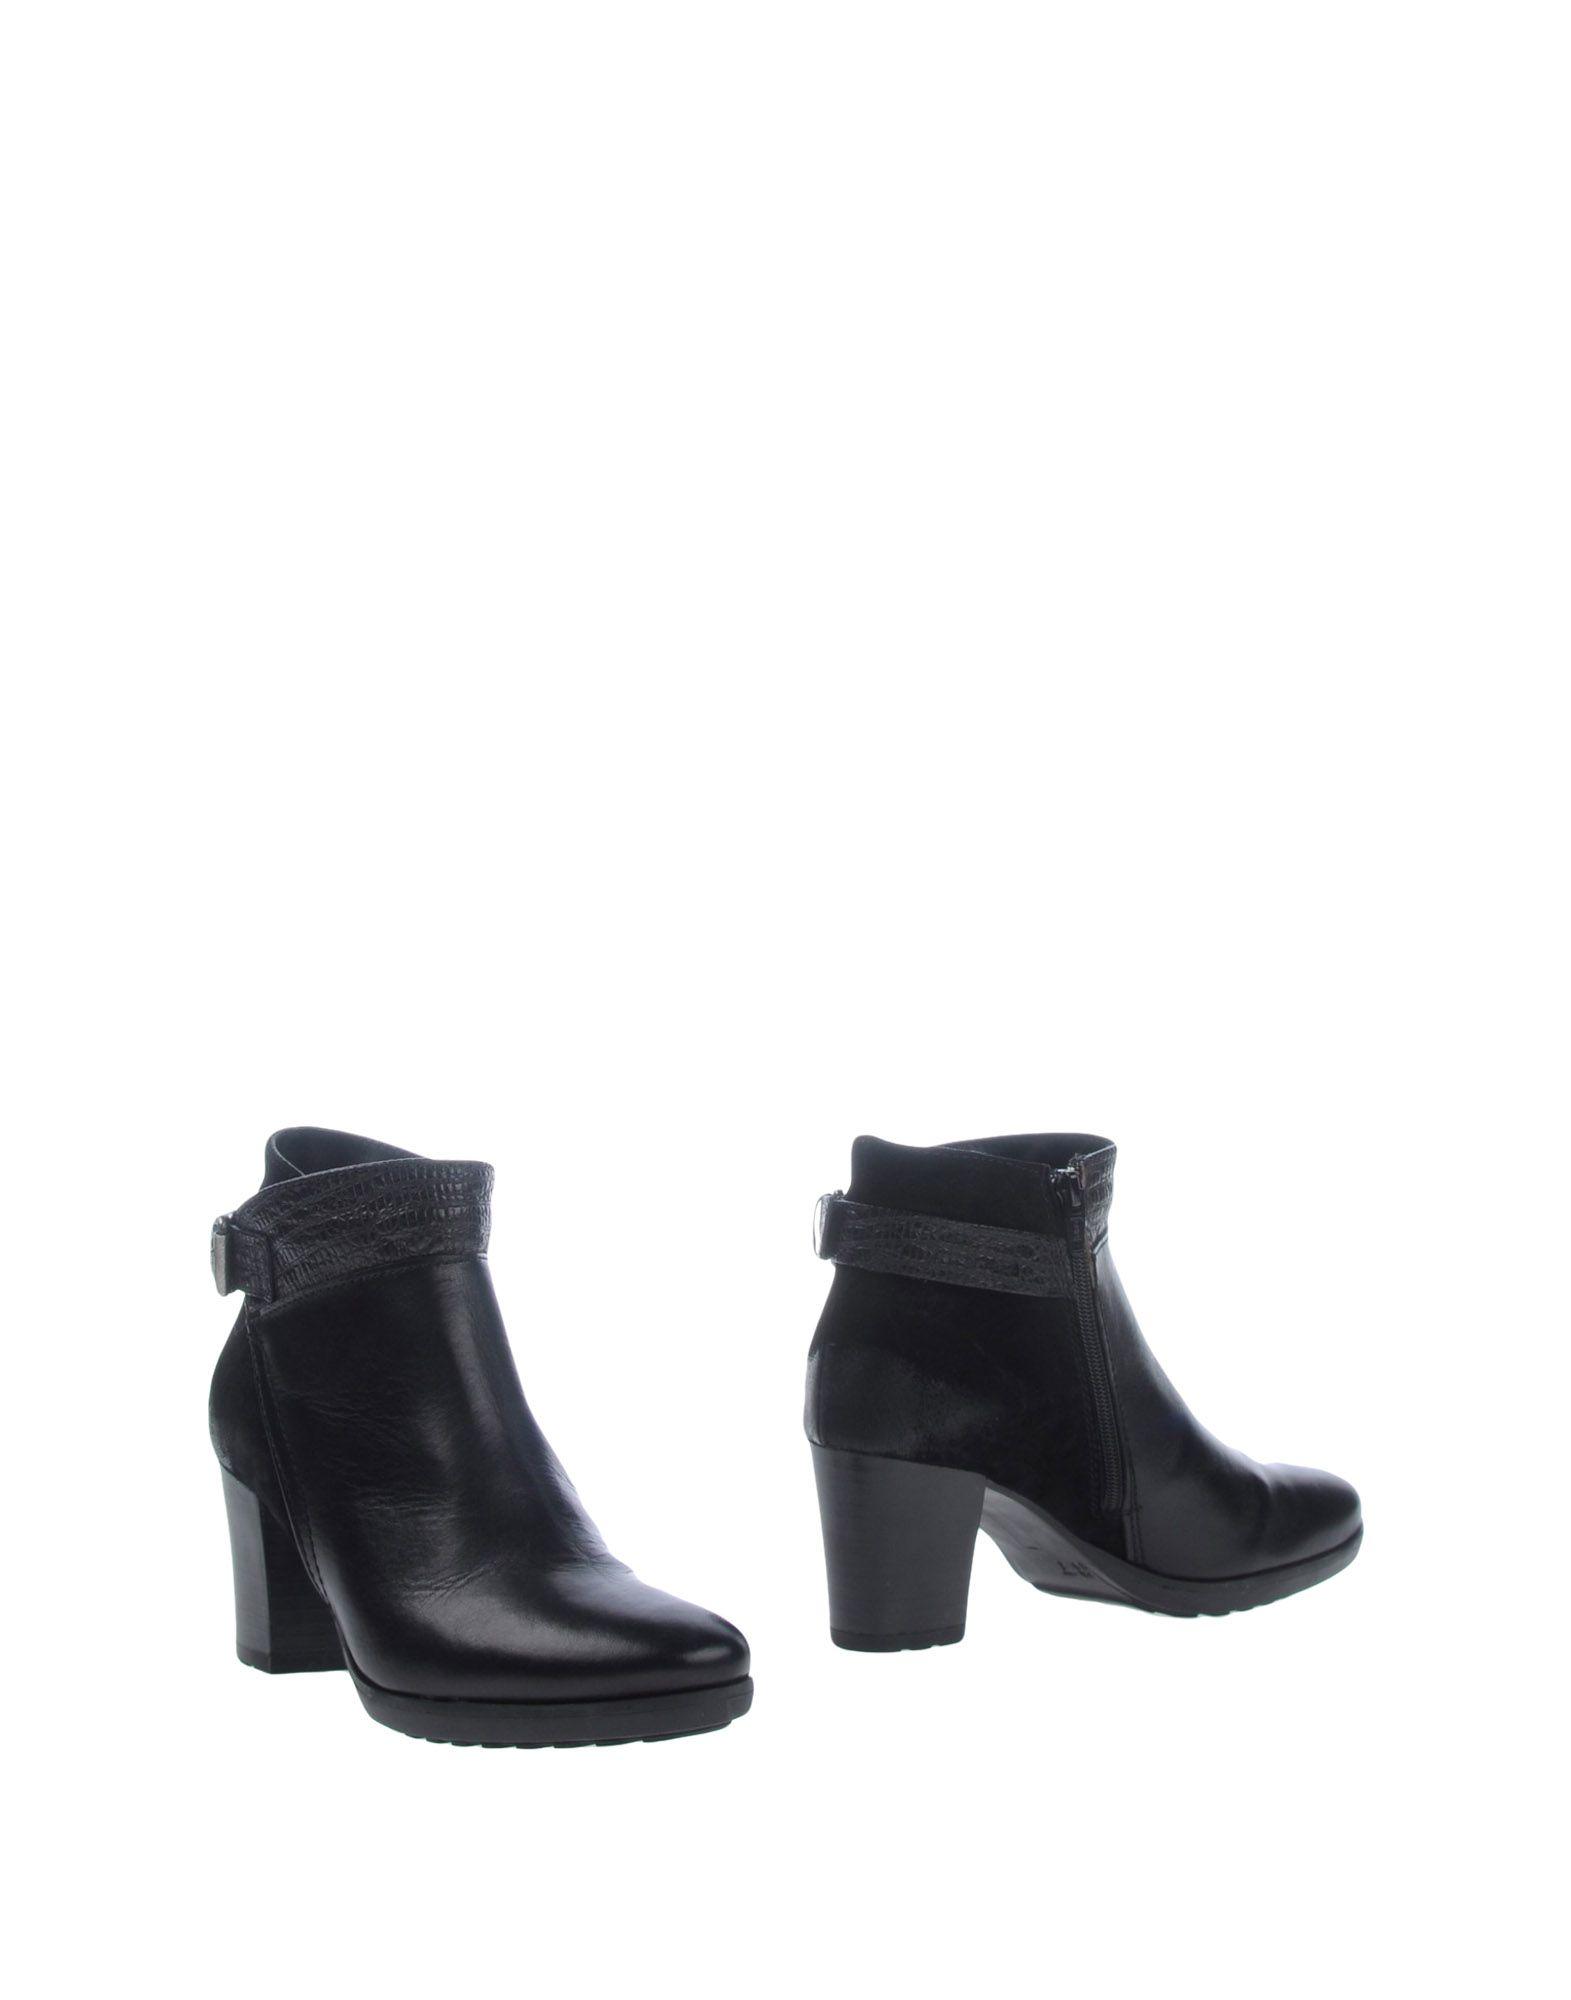 Manas Stiefelette Damen  11043467FE Gute Qualität beliebte Schuhe